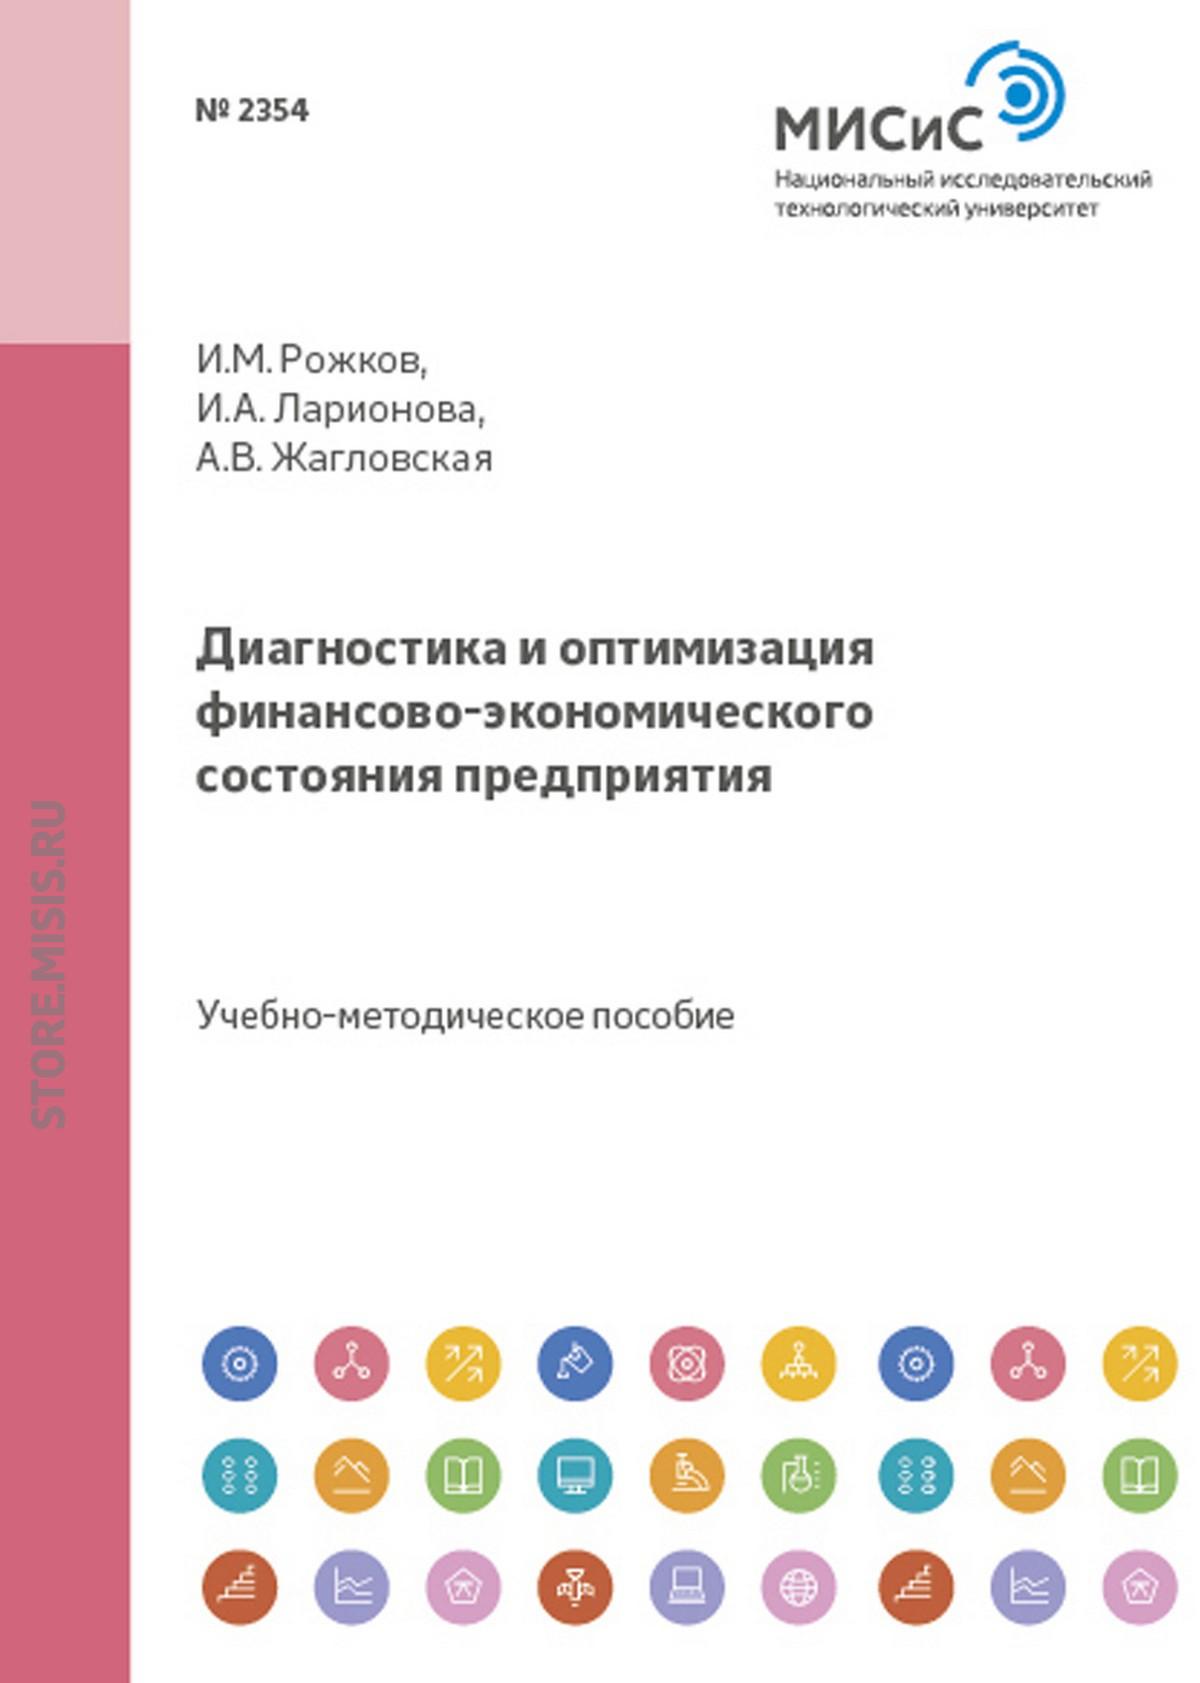 Диагностика и оптимизация финансово-экономического состояния предприятия